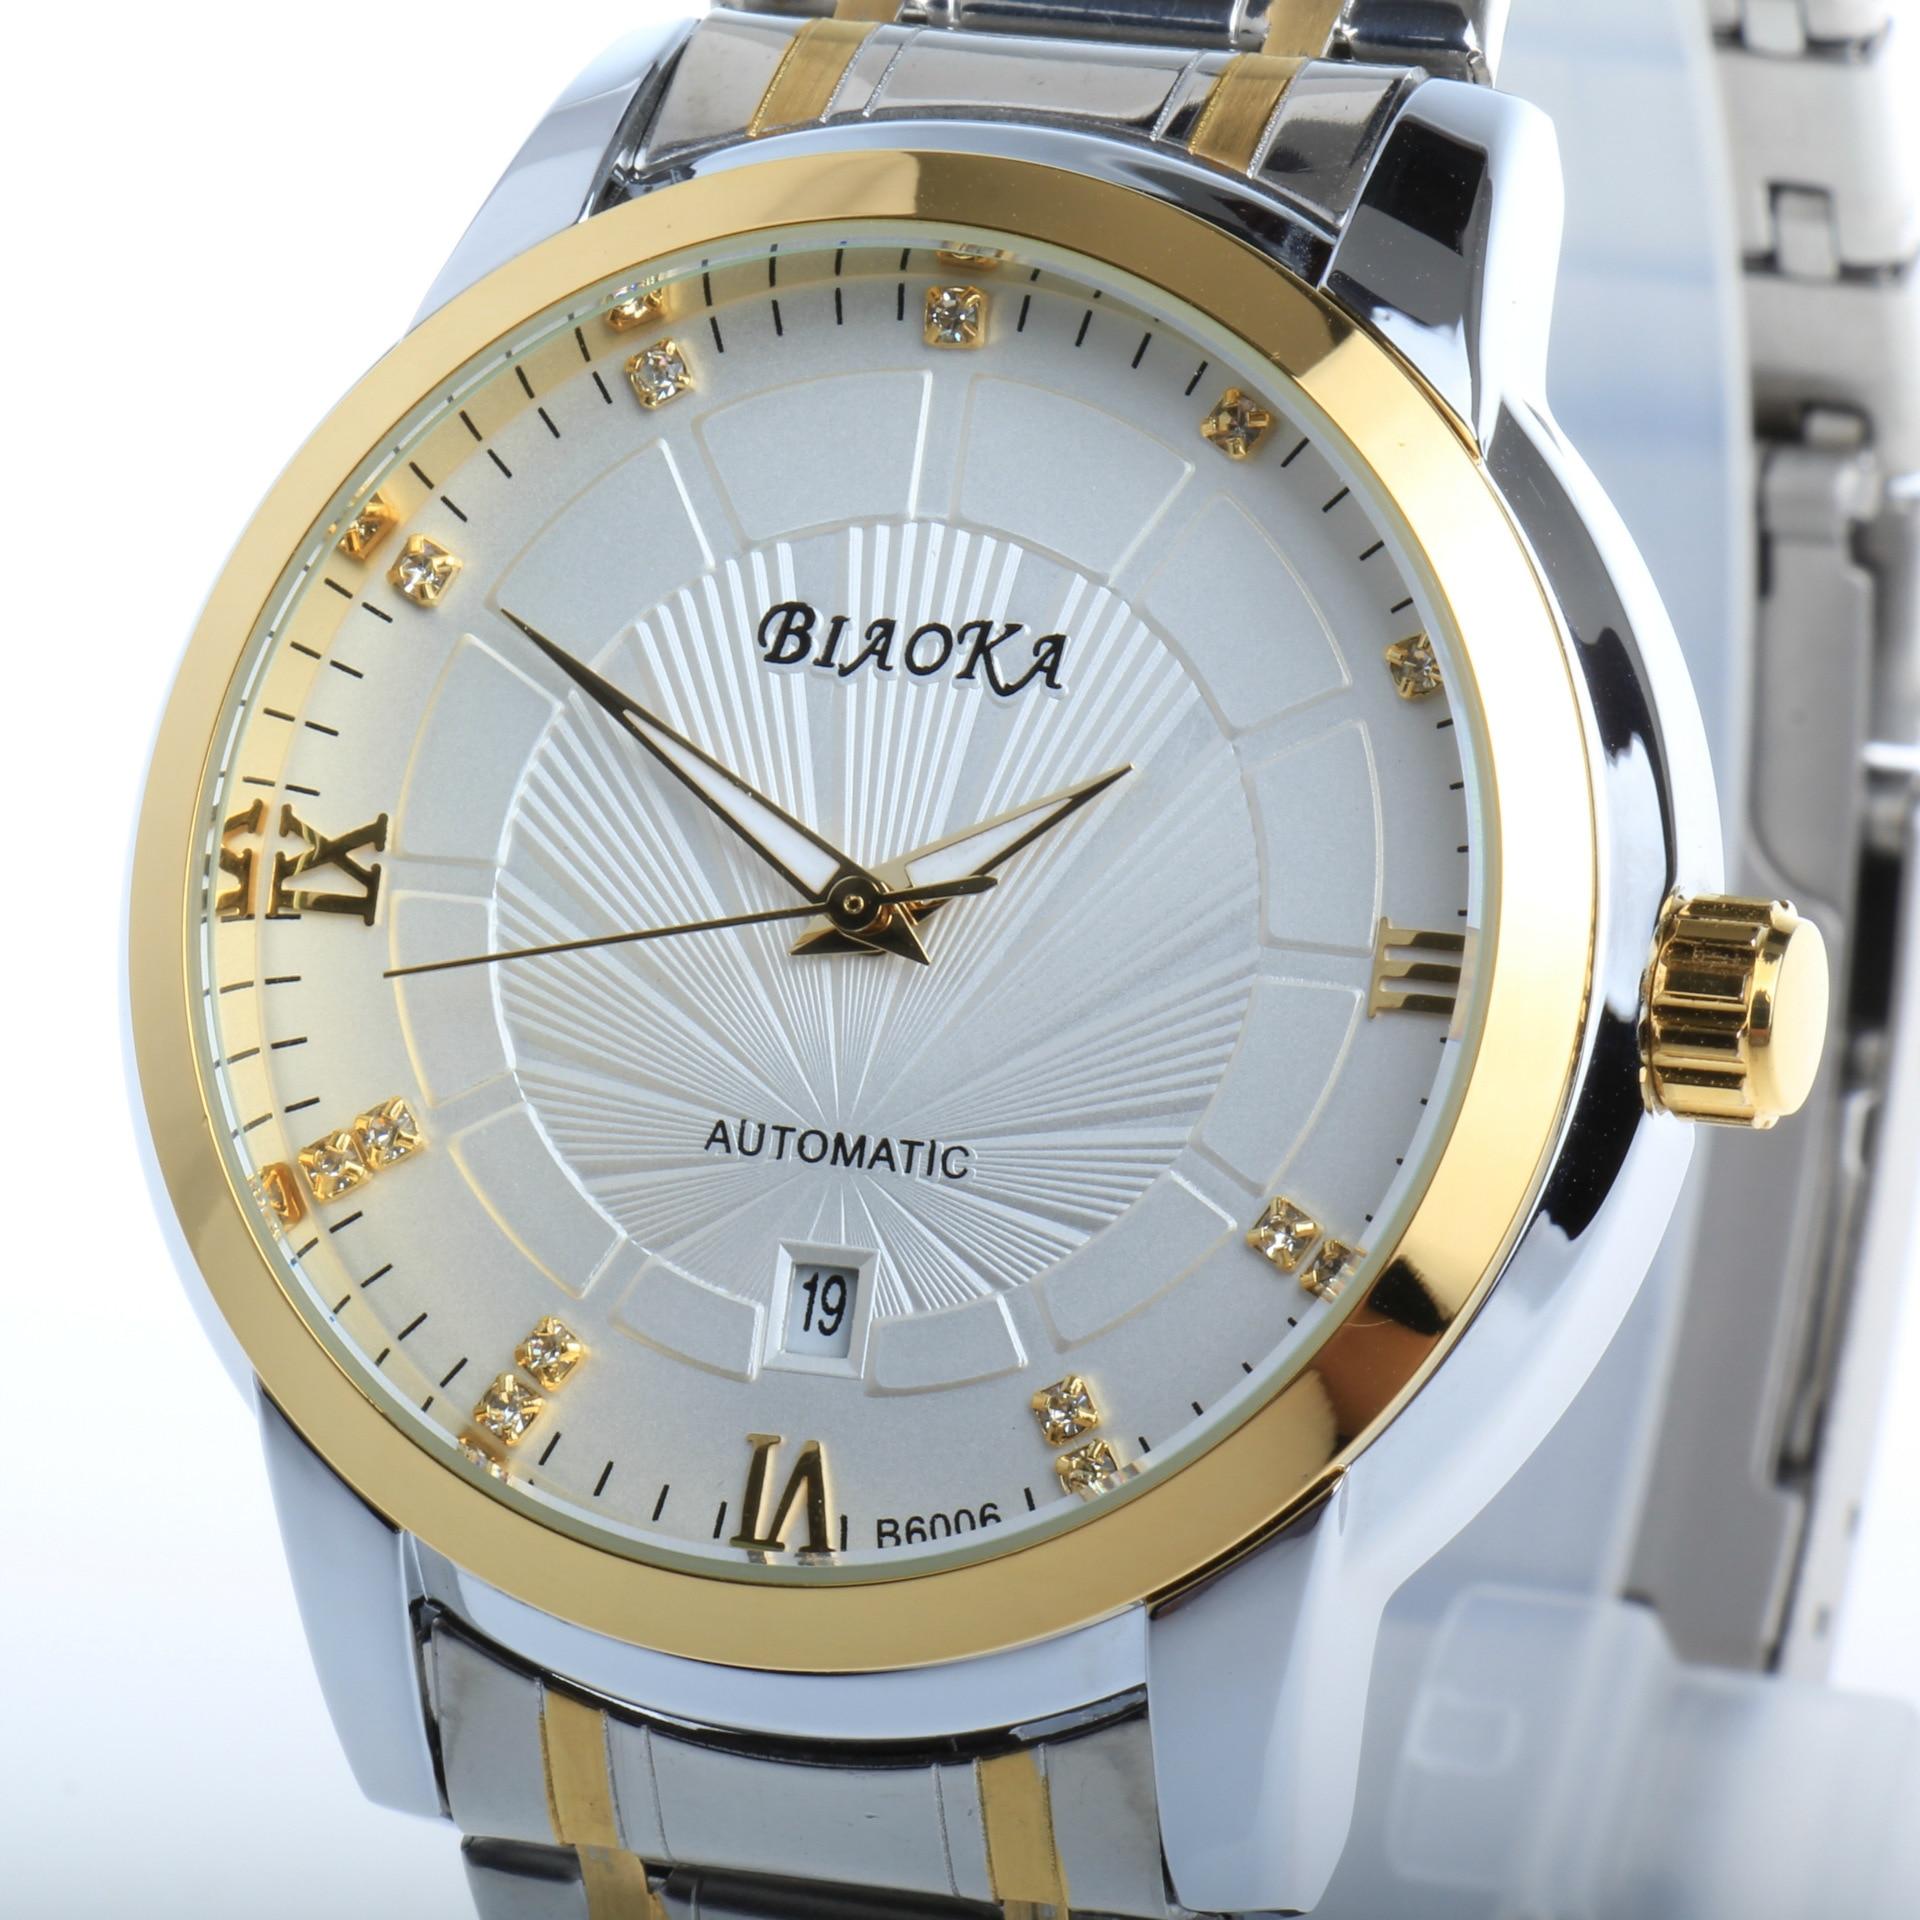 9e3536d85b1b2 BIAOKA للماء العلامة التجارية الأزياء الذهب ووتش أنيق الصلب تقويم الرجال  الساعة كلاسيكي الميكانيكية Montre أوم ساعة اليد